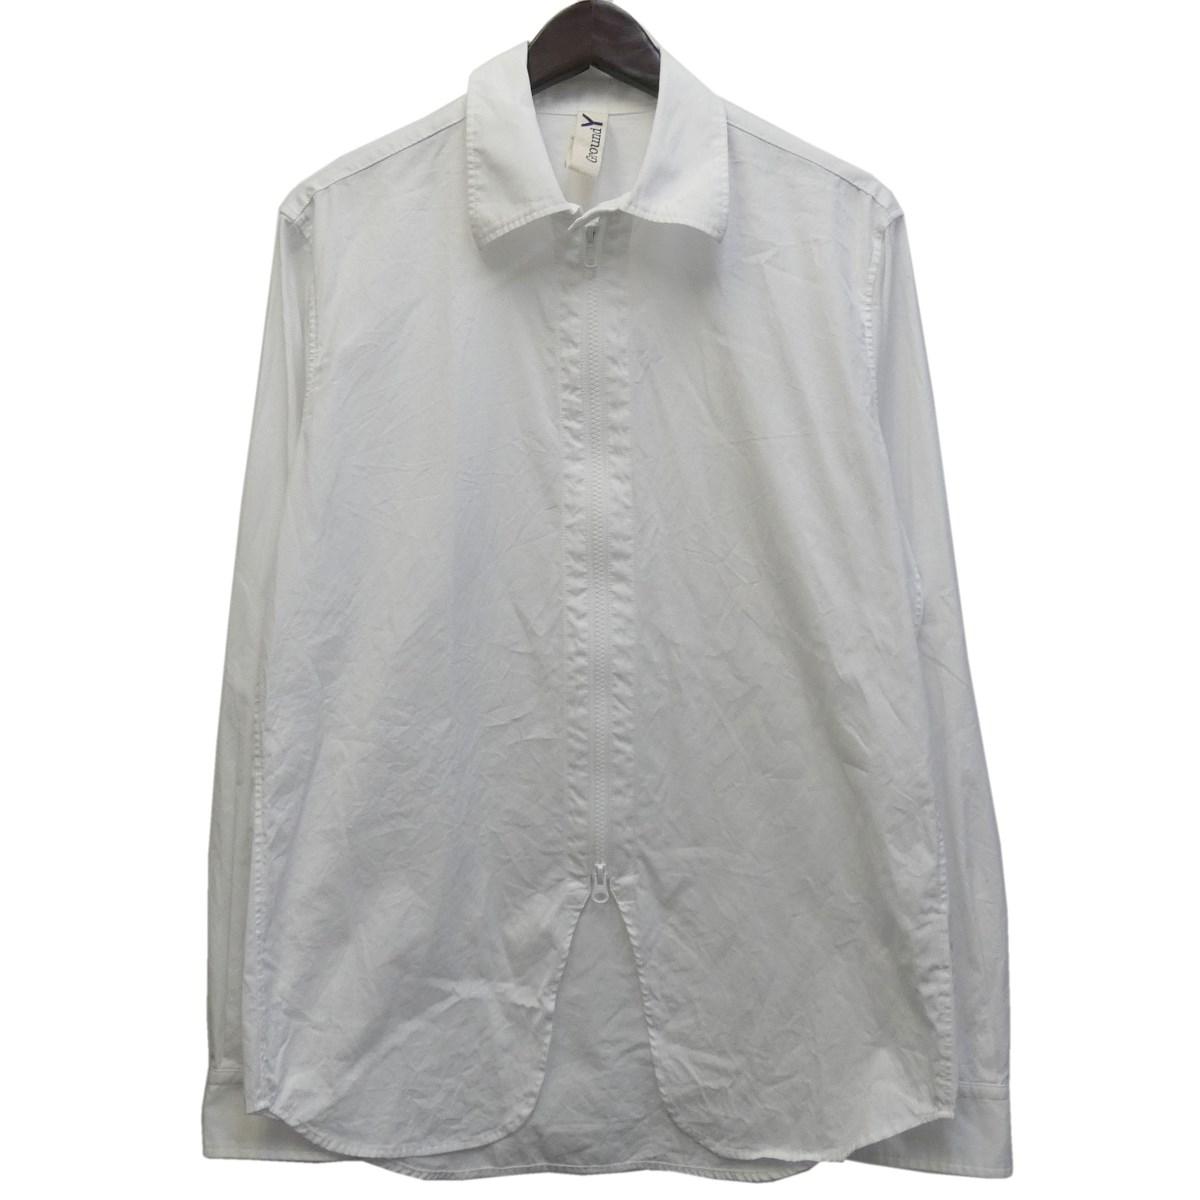 【中古】Ground Y 2017SS ジップシャツ ホワイト サイズ:3 【120320】(グラウンド ワイ)